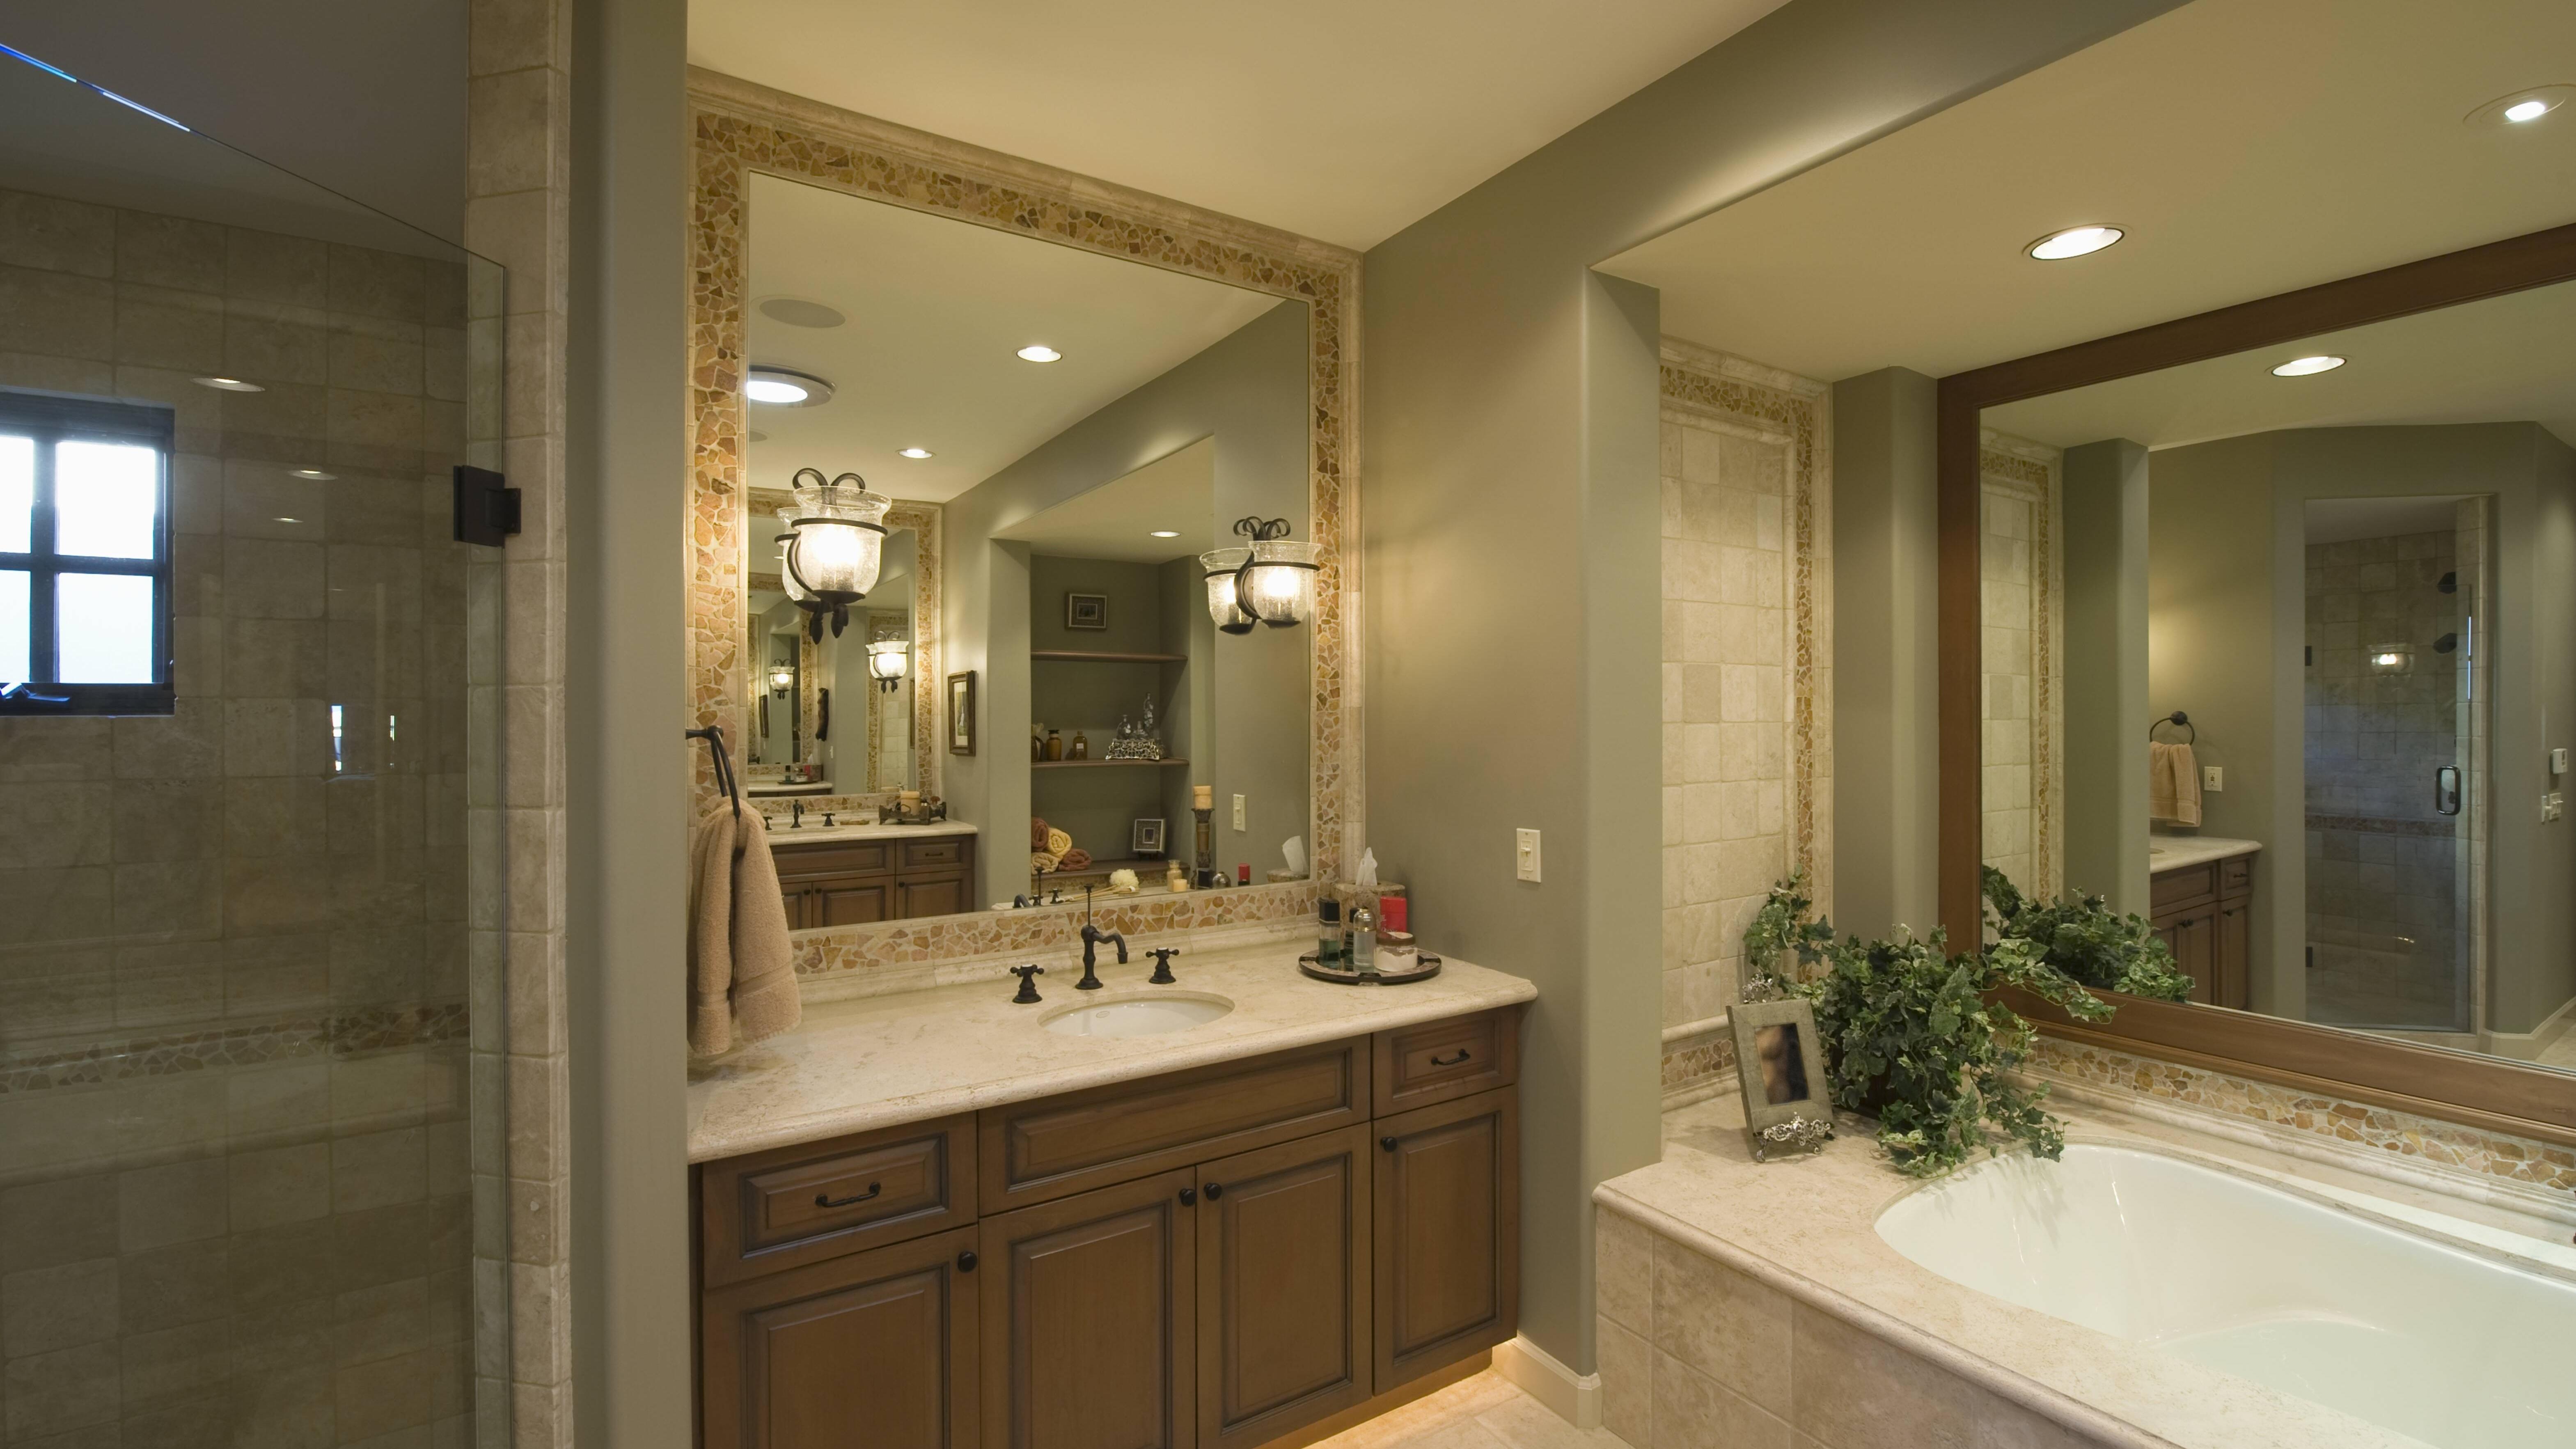 Die Analdusche benutzen Sie am besten in der Badewanne oder in der Dusche.